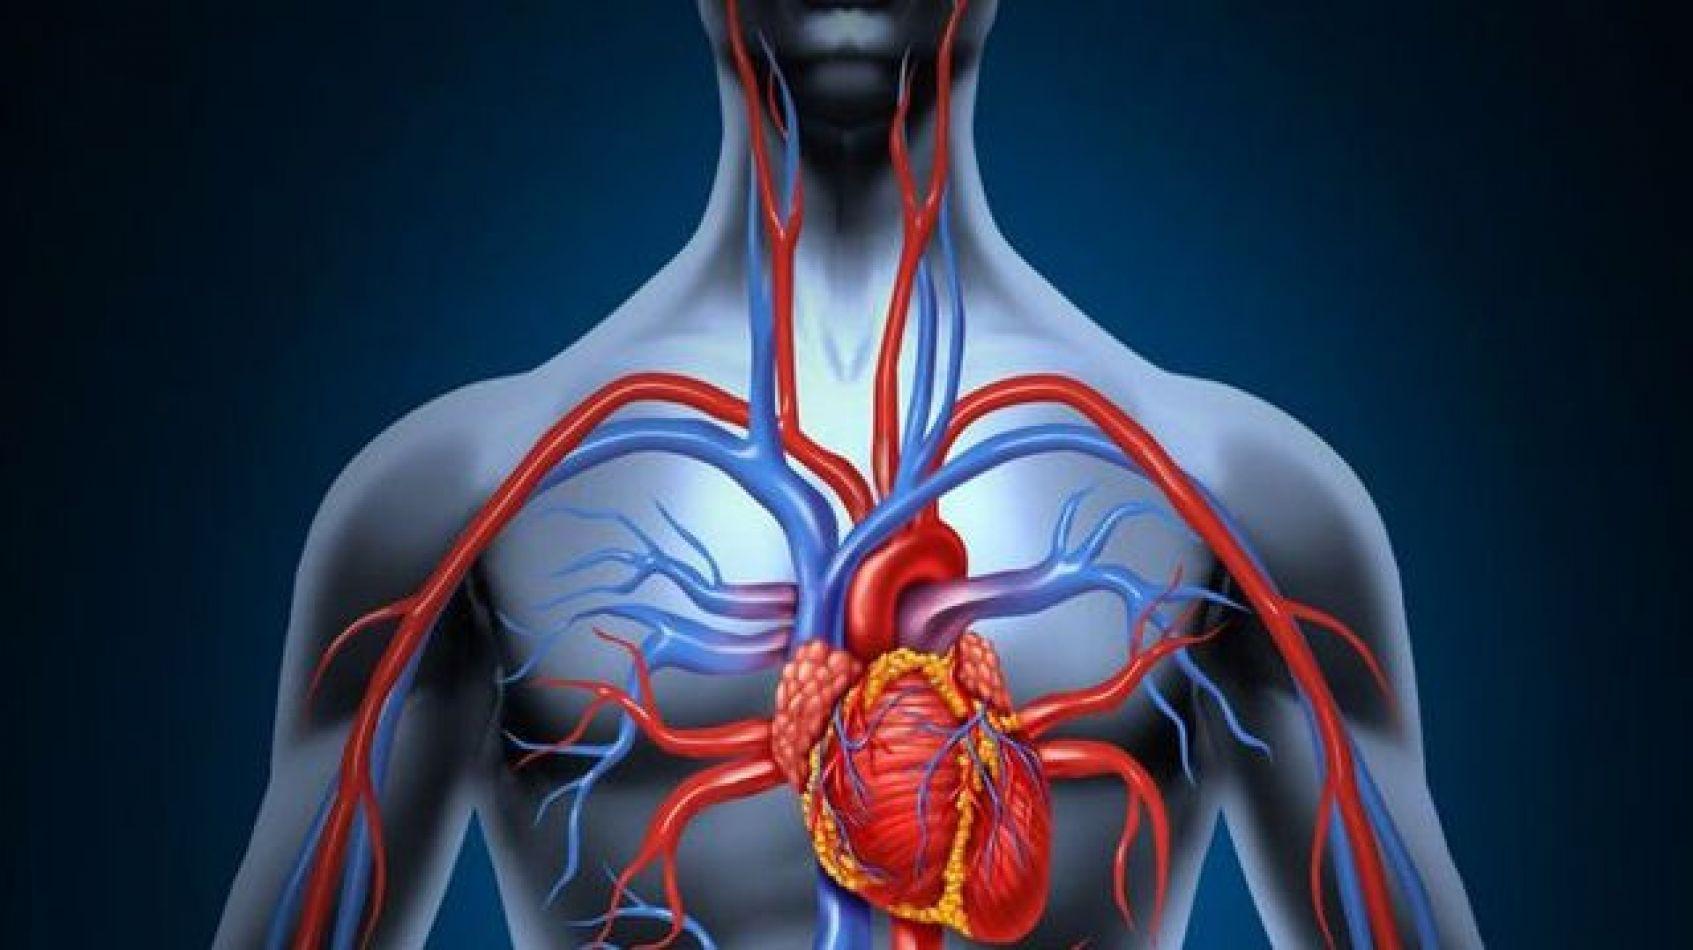 Éxito en salud: implantaron el primer stent bioabsorbible en el país